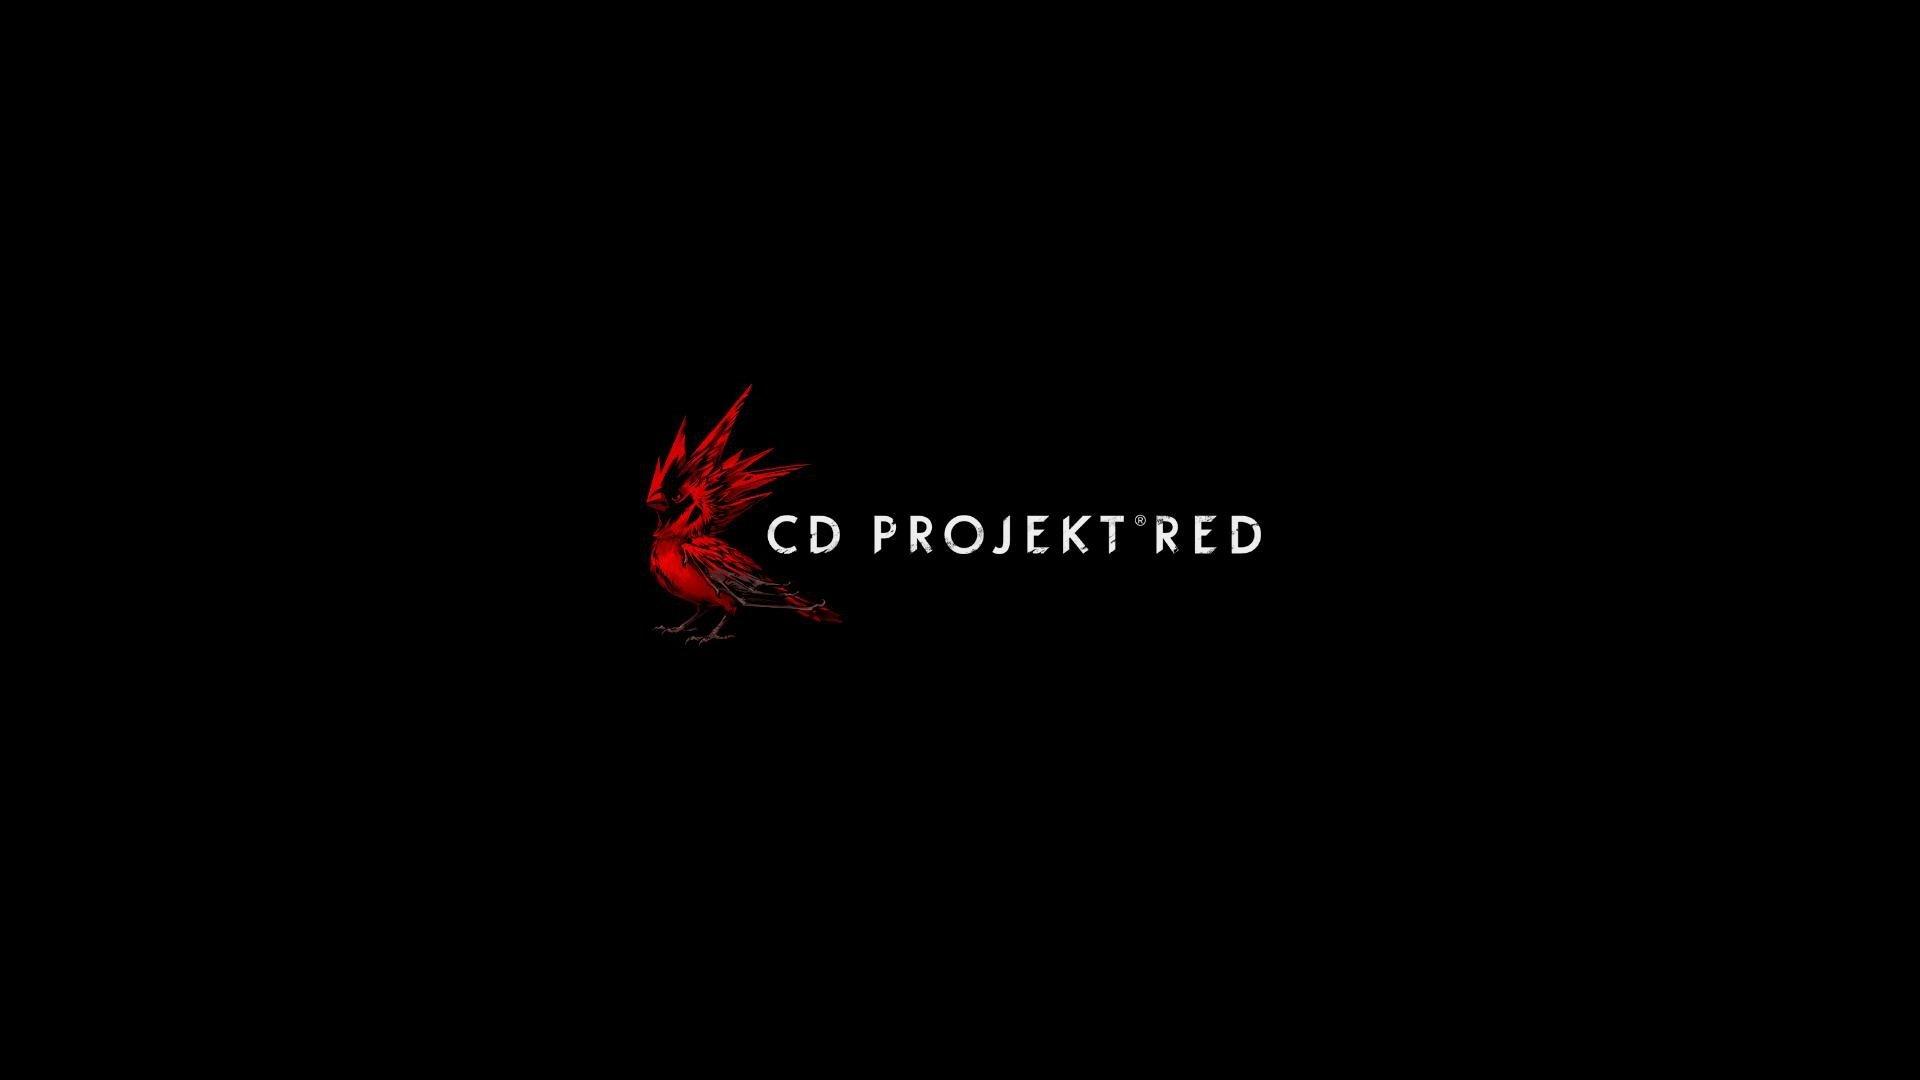 CD Projekt RED : la deuxième plus grande société européenne dans le jeu vidéo derrière Ubisoft